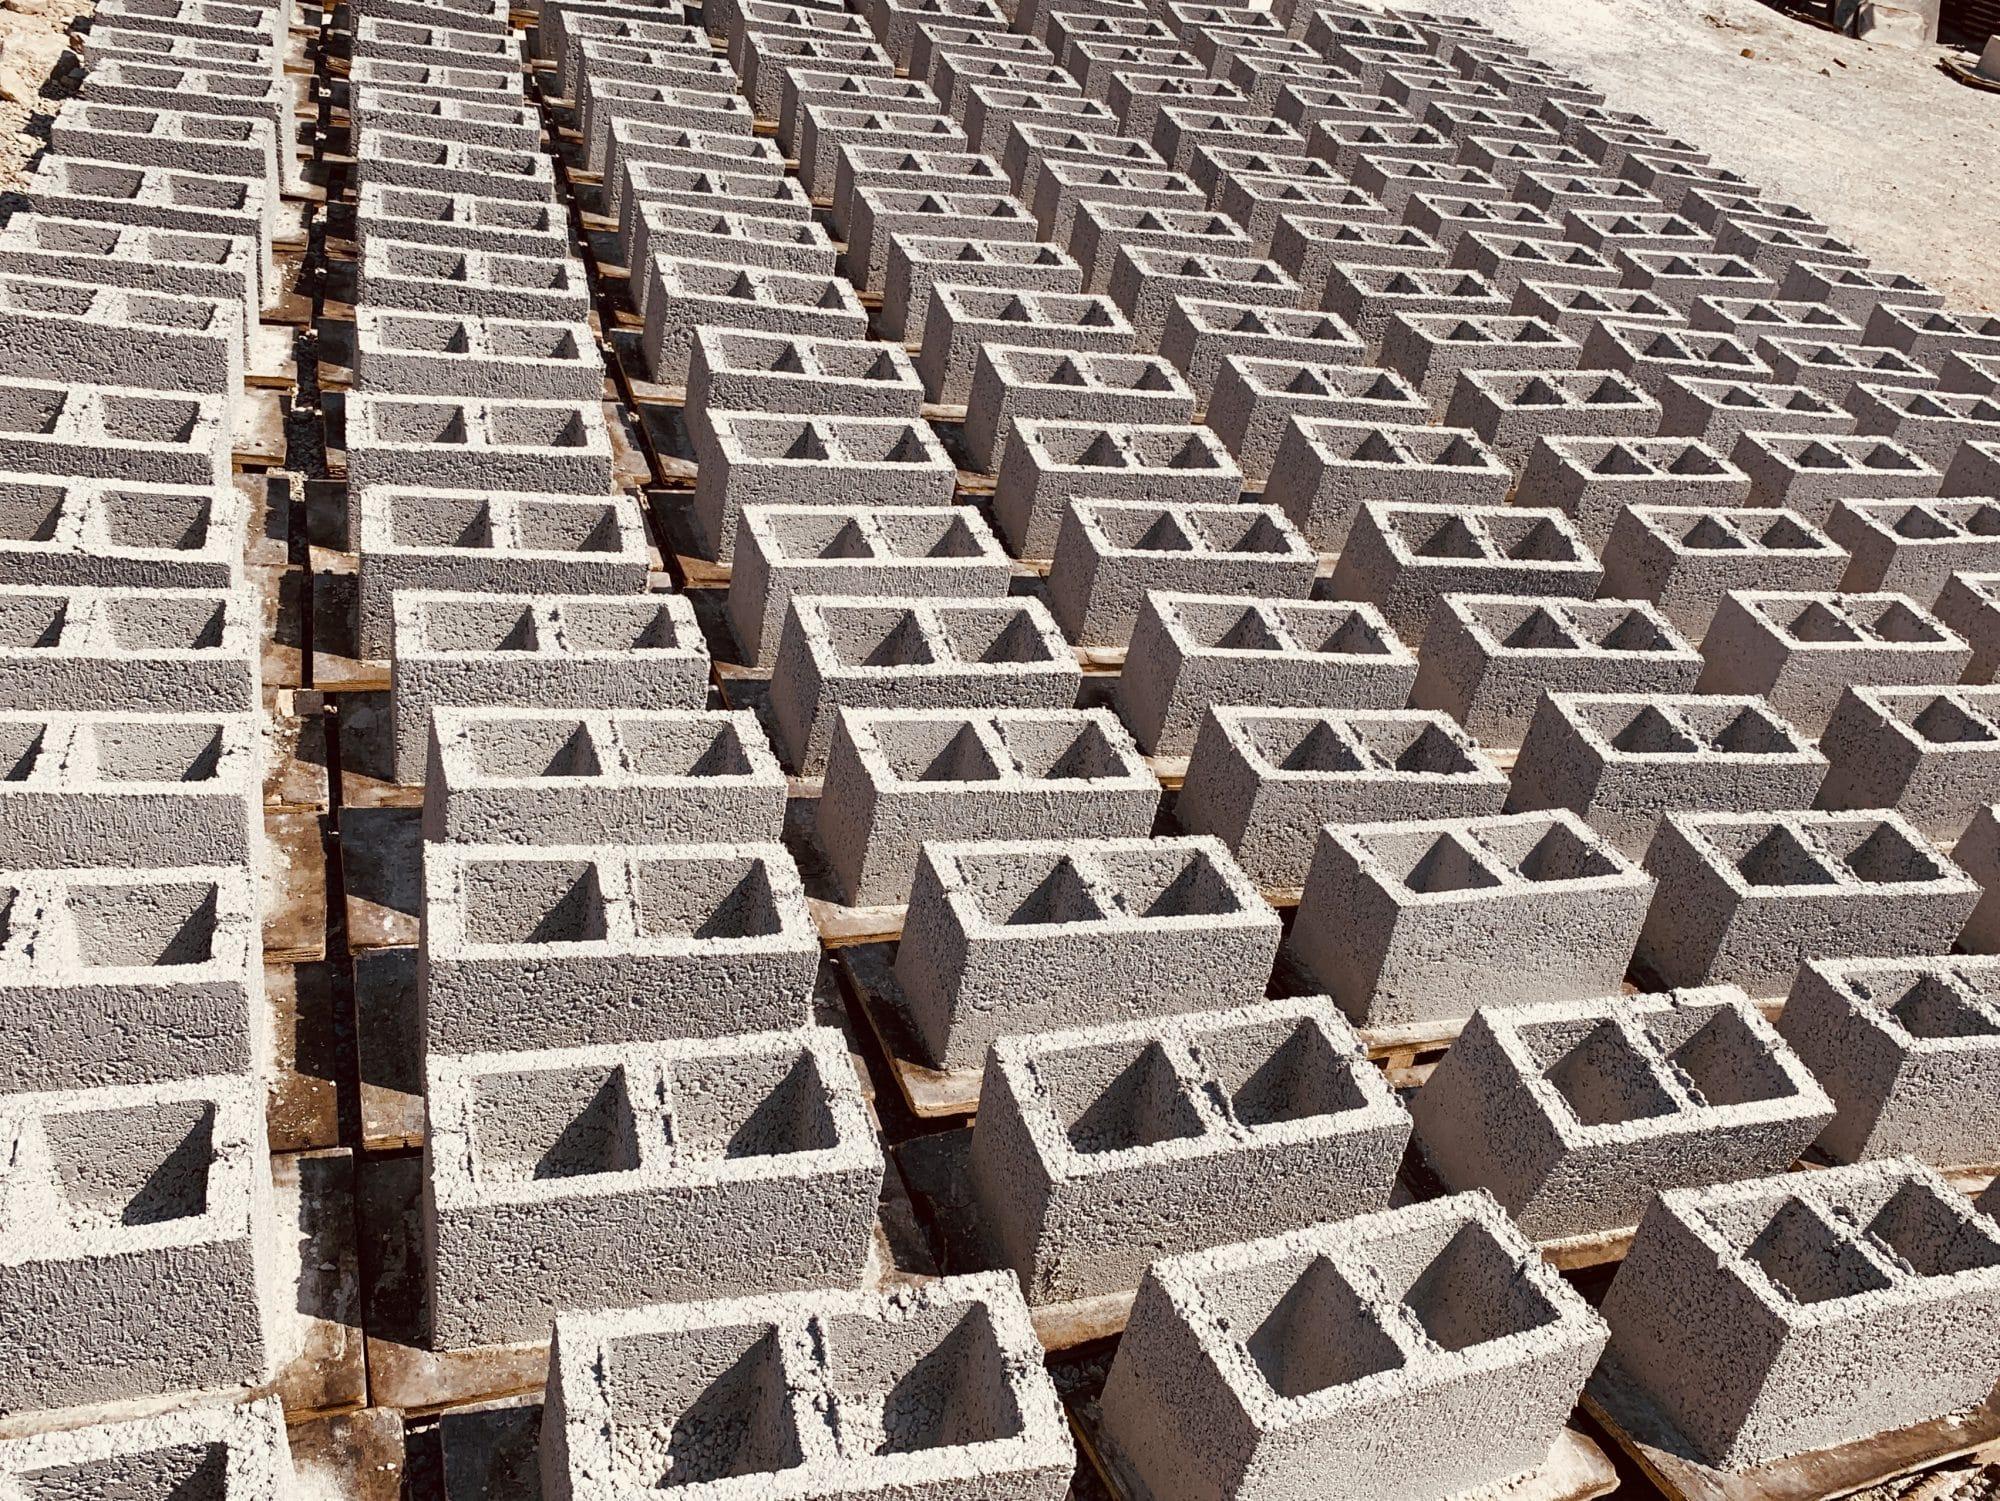 Concrete blockwork production